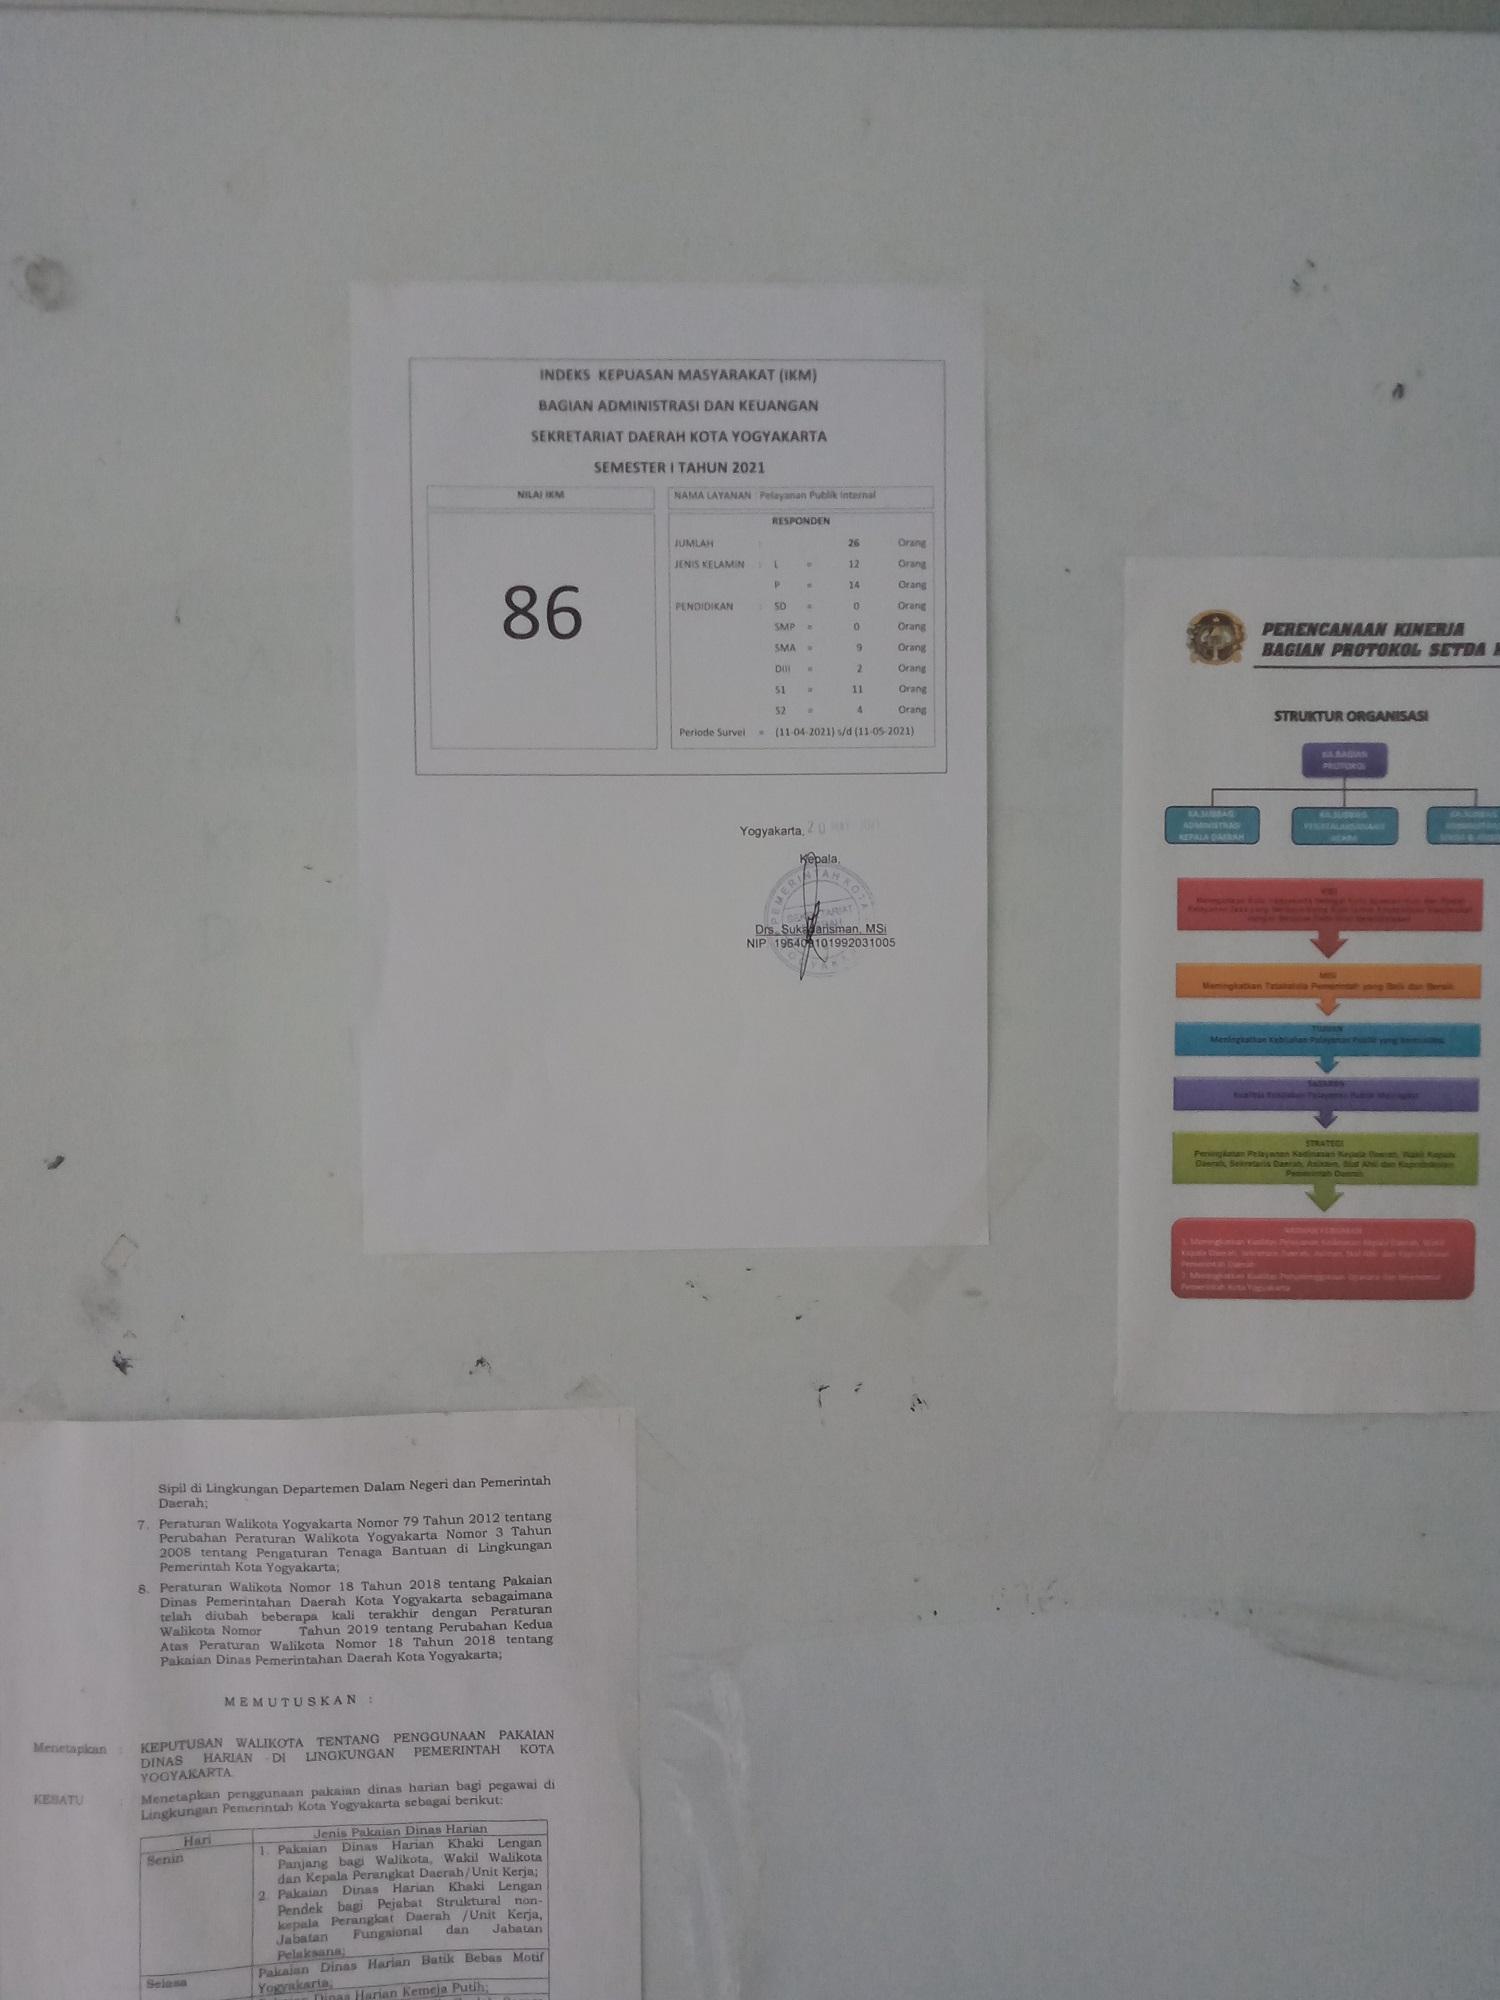 Nilai Indeks Kepuasan Masyarakat (IKM) Bagian Administrasi Dan Keuangan Sekretariat daerah Kota Yogyakarta Semester I Tahun 2021